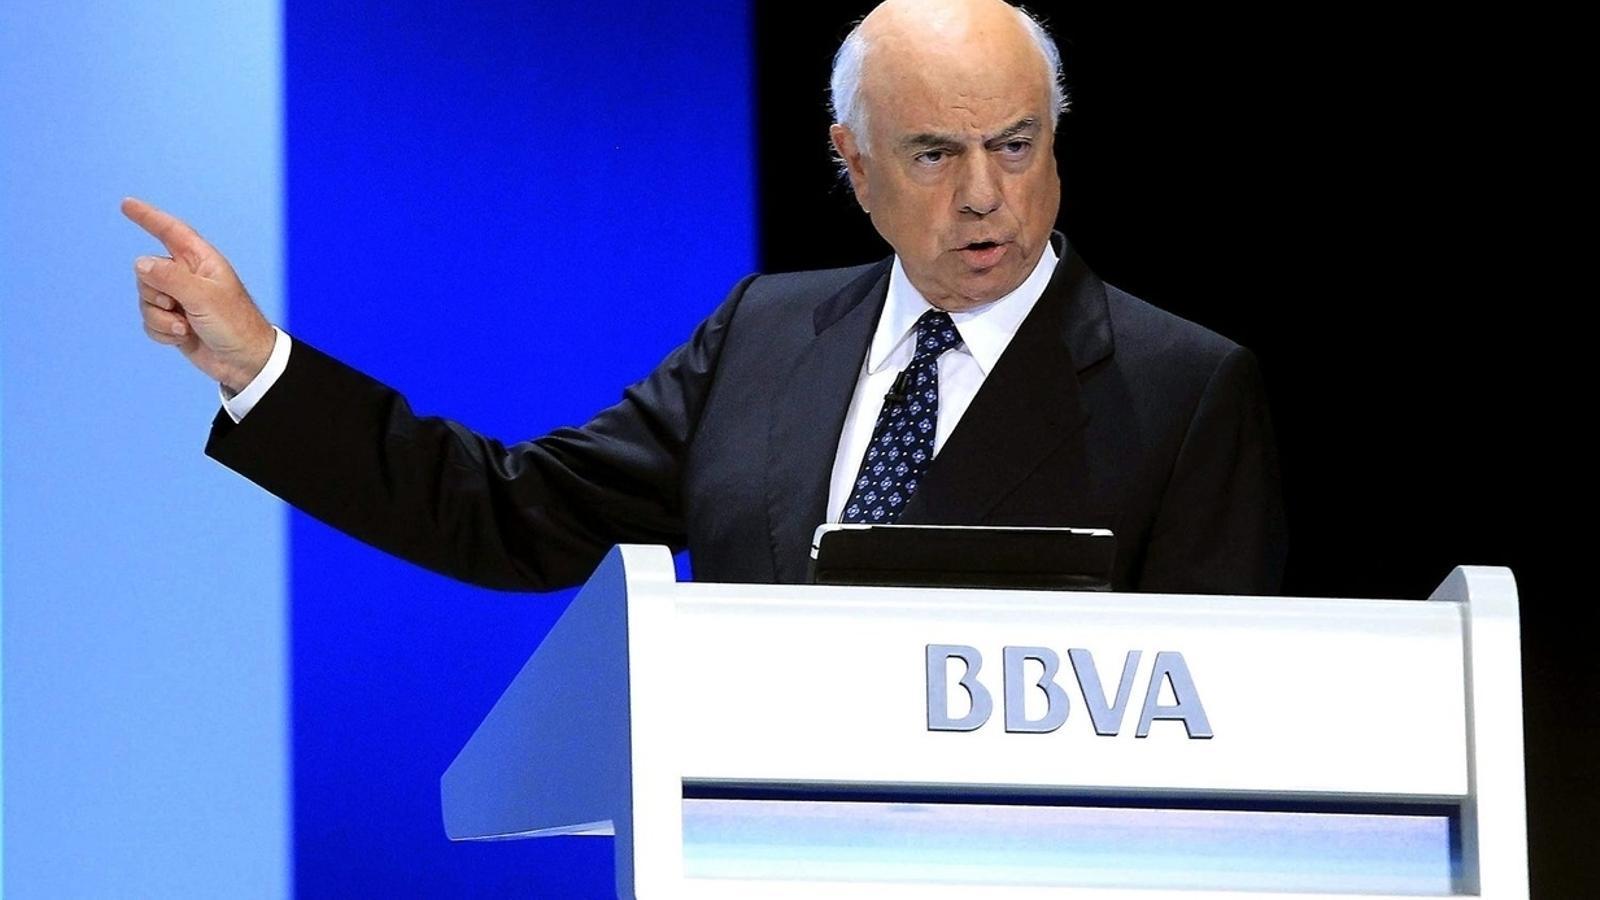 El BBVA, imputat pels espionatges de Villarejo